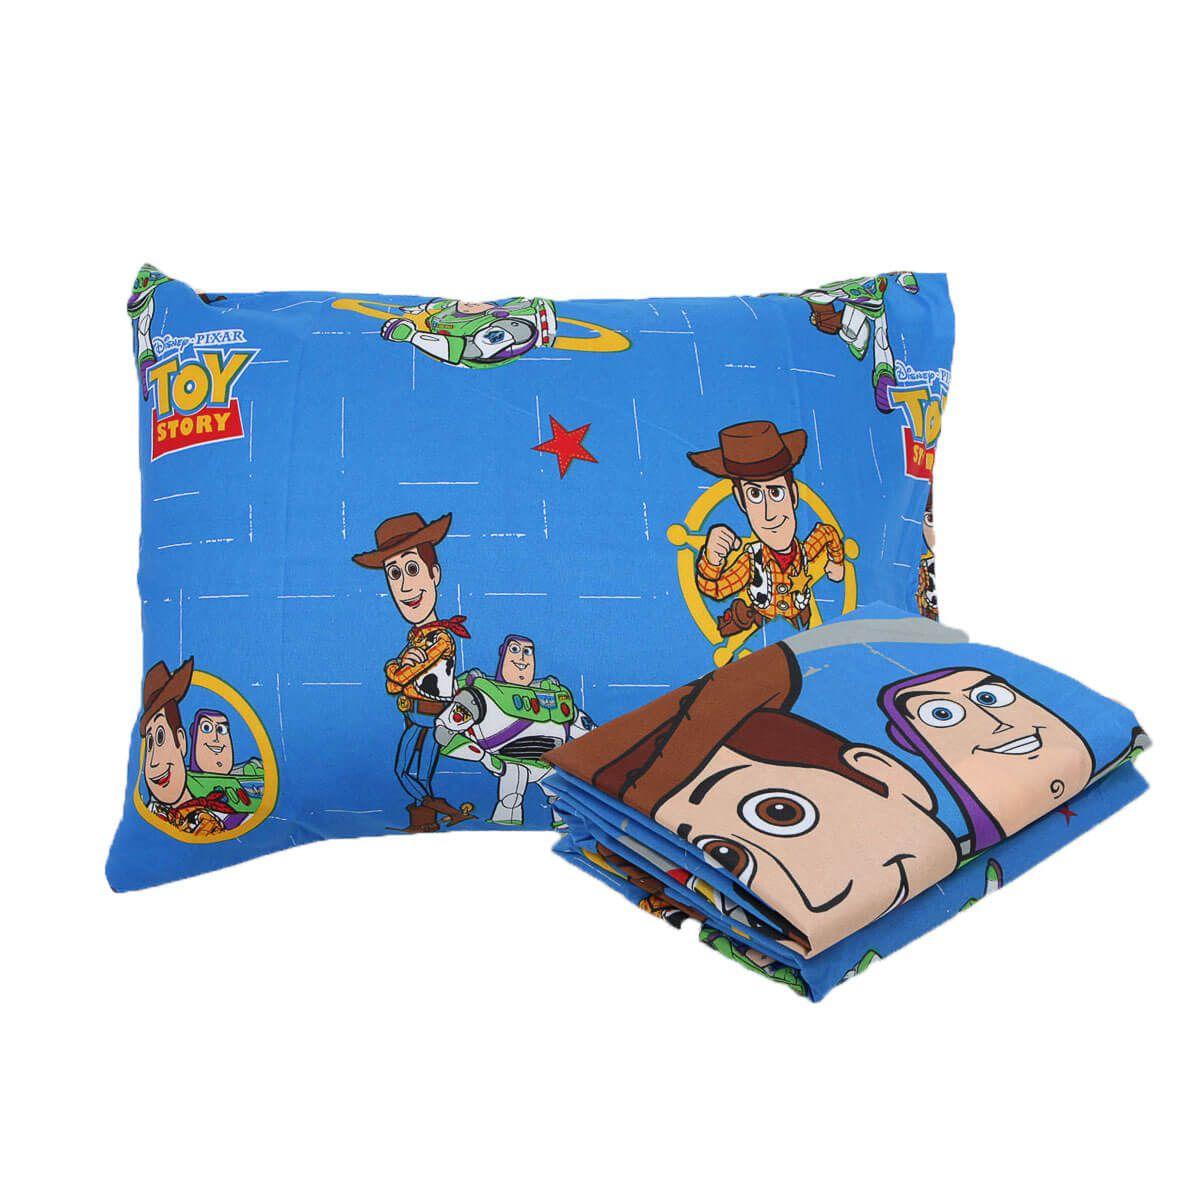 Kit Infantil Toy Story Jogo De Cama + Edredom Lepper